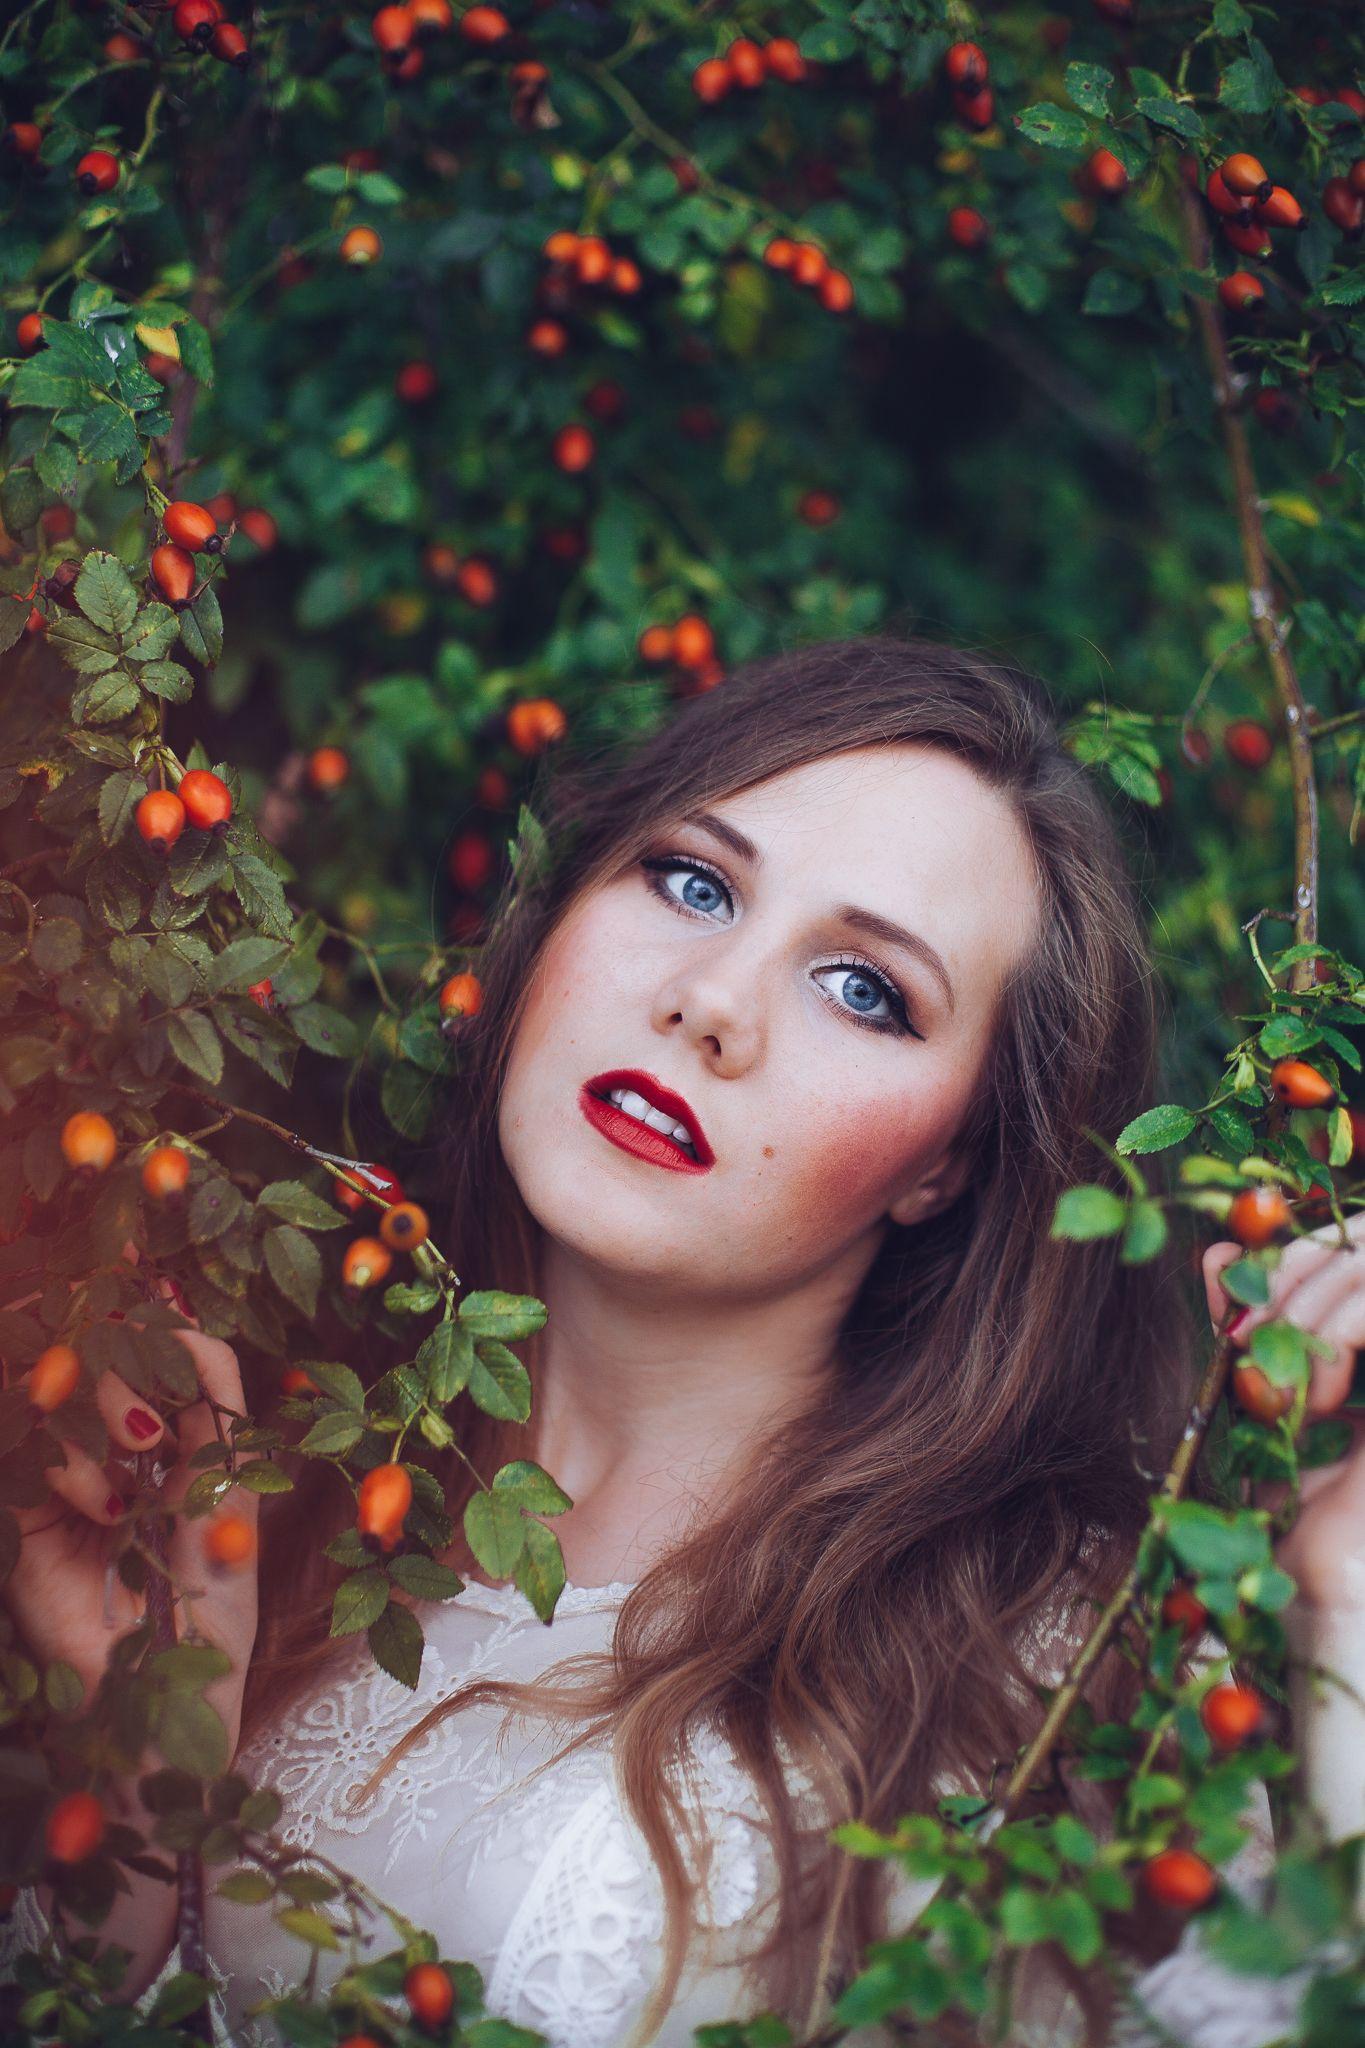 Garden of Eden by Josipa Bjelobrk